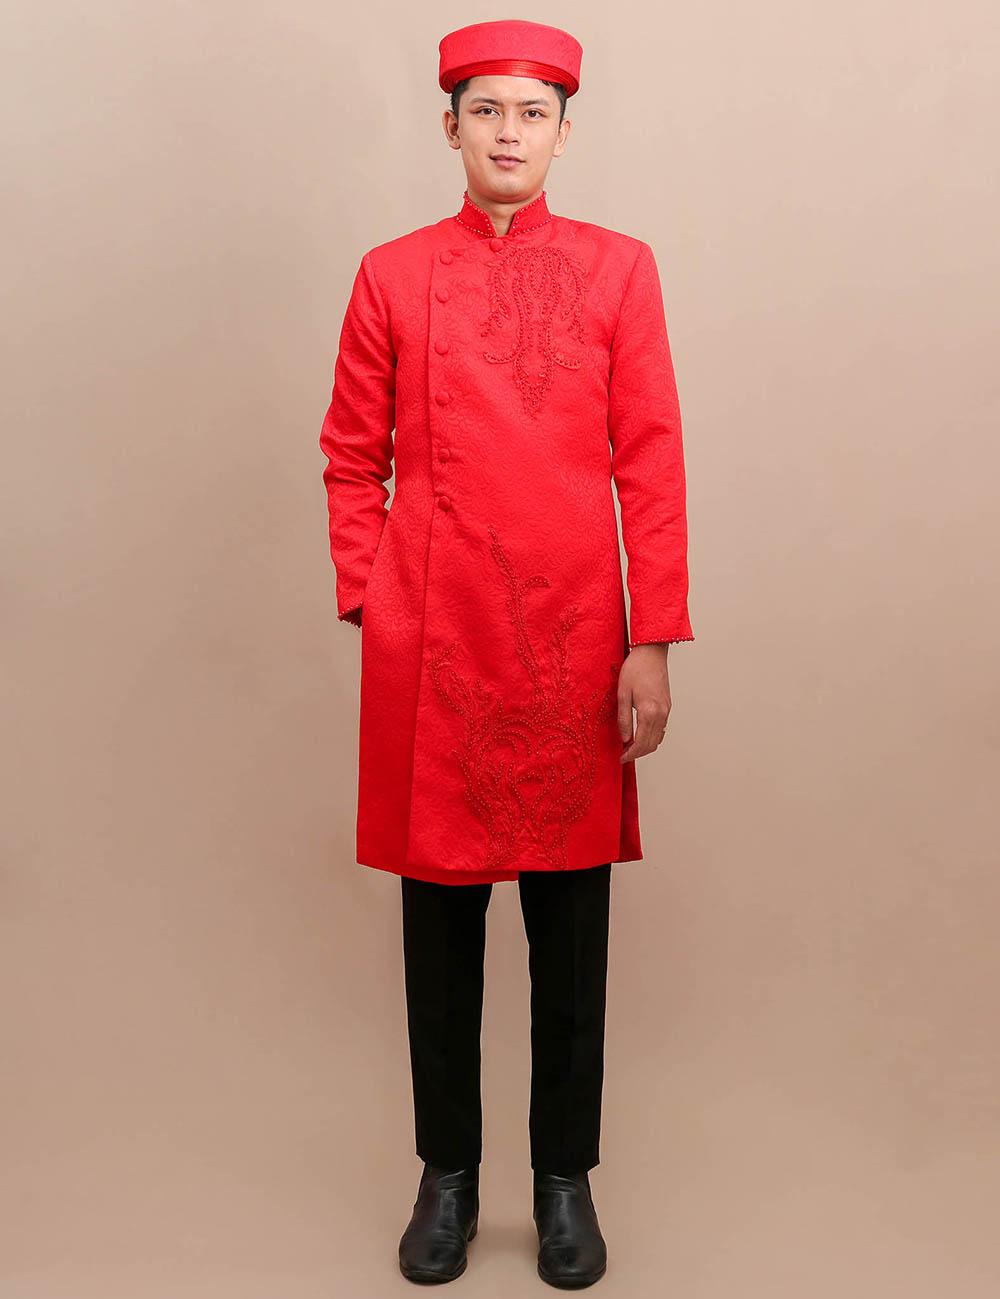 cho thuê áo dài chú rể màu đỏ